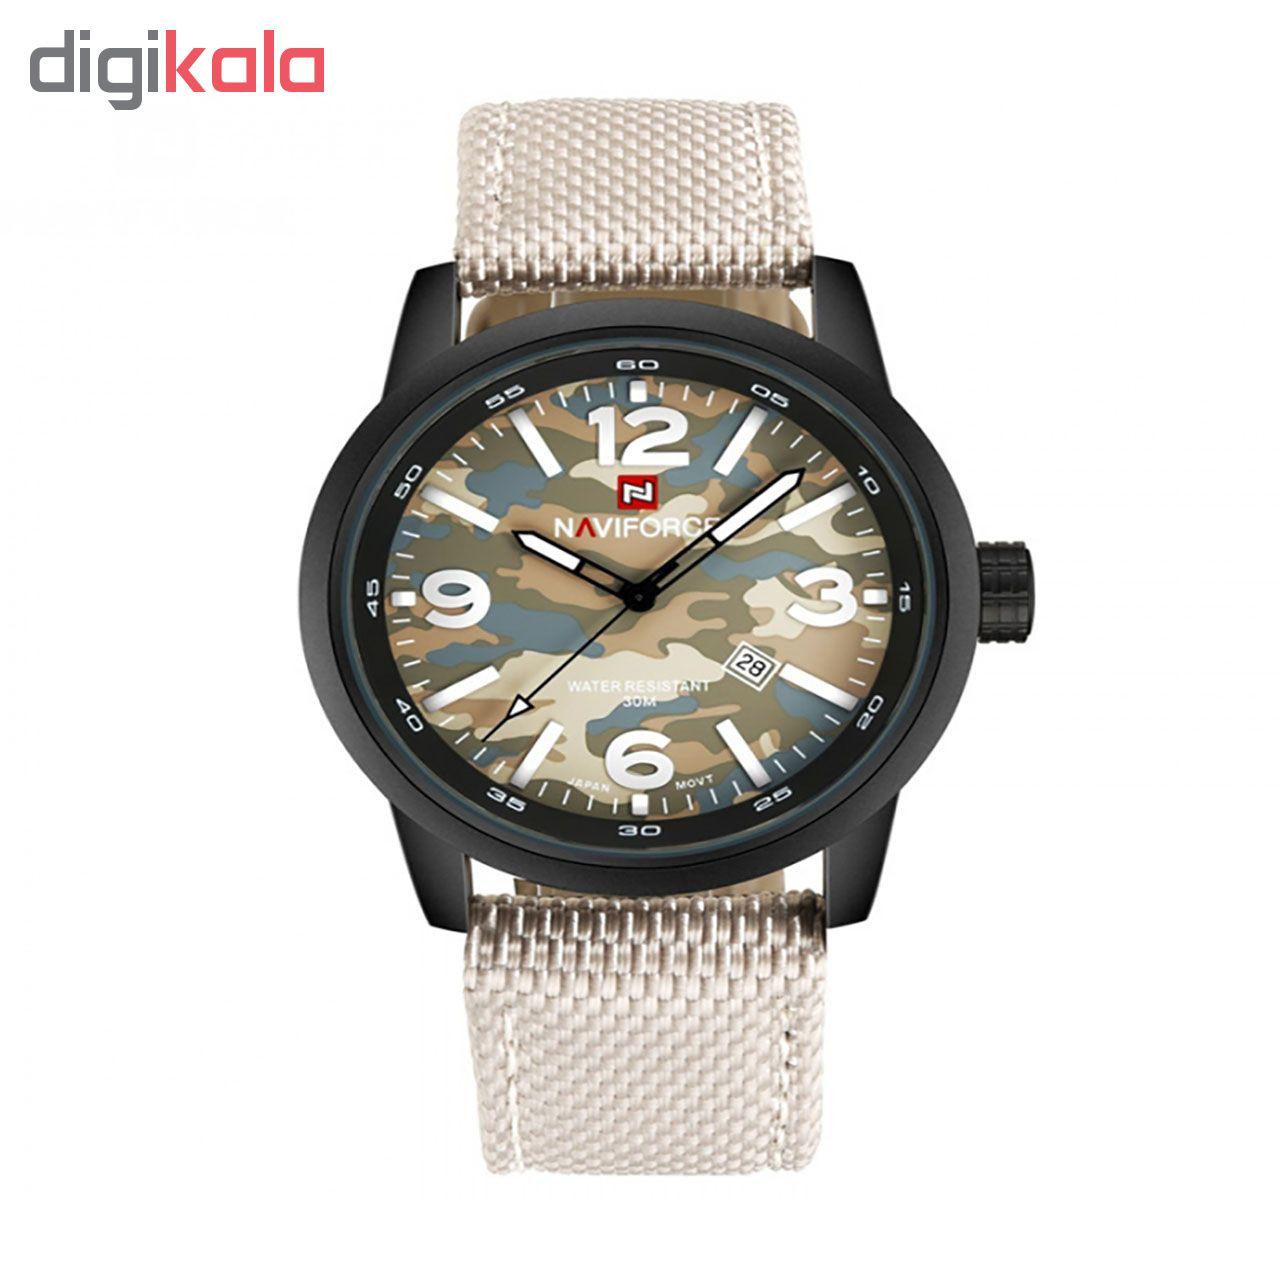 خرید ساعت مچی نیوی فورس مردانه مدل nf9080